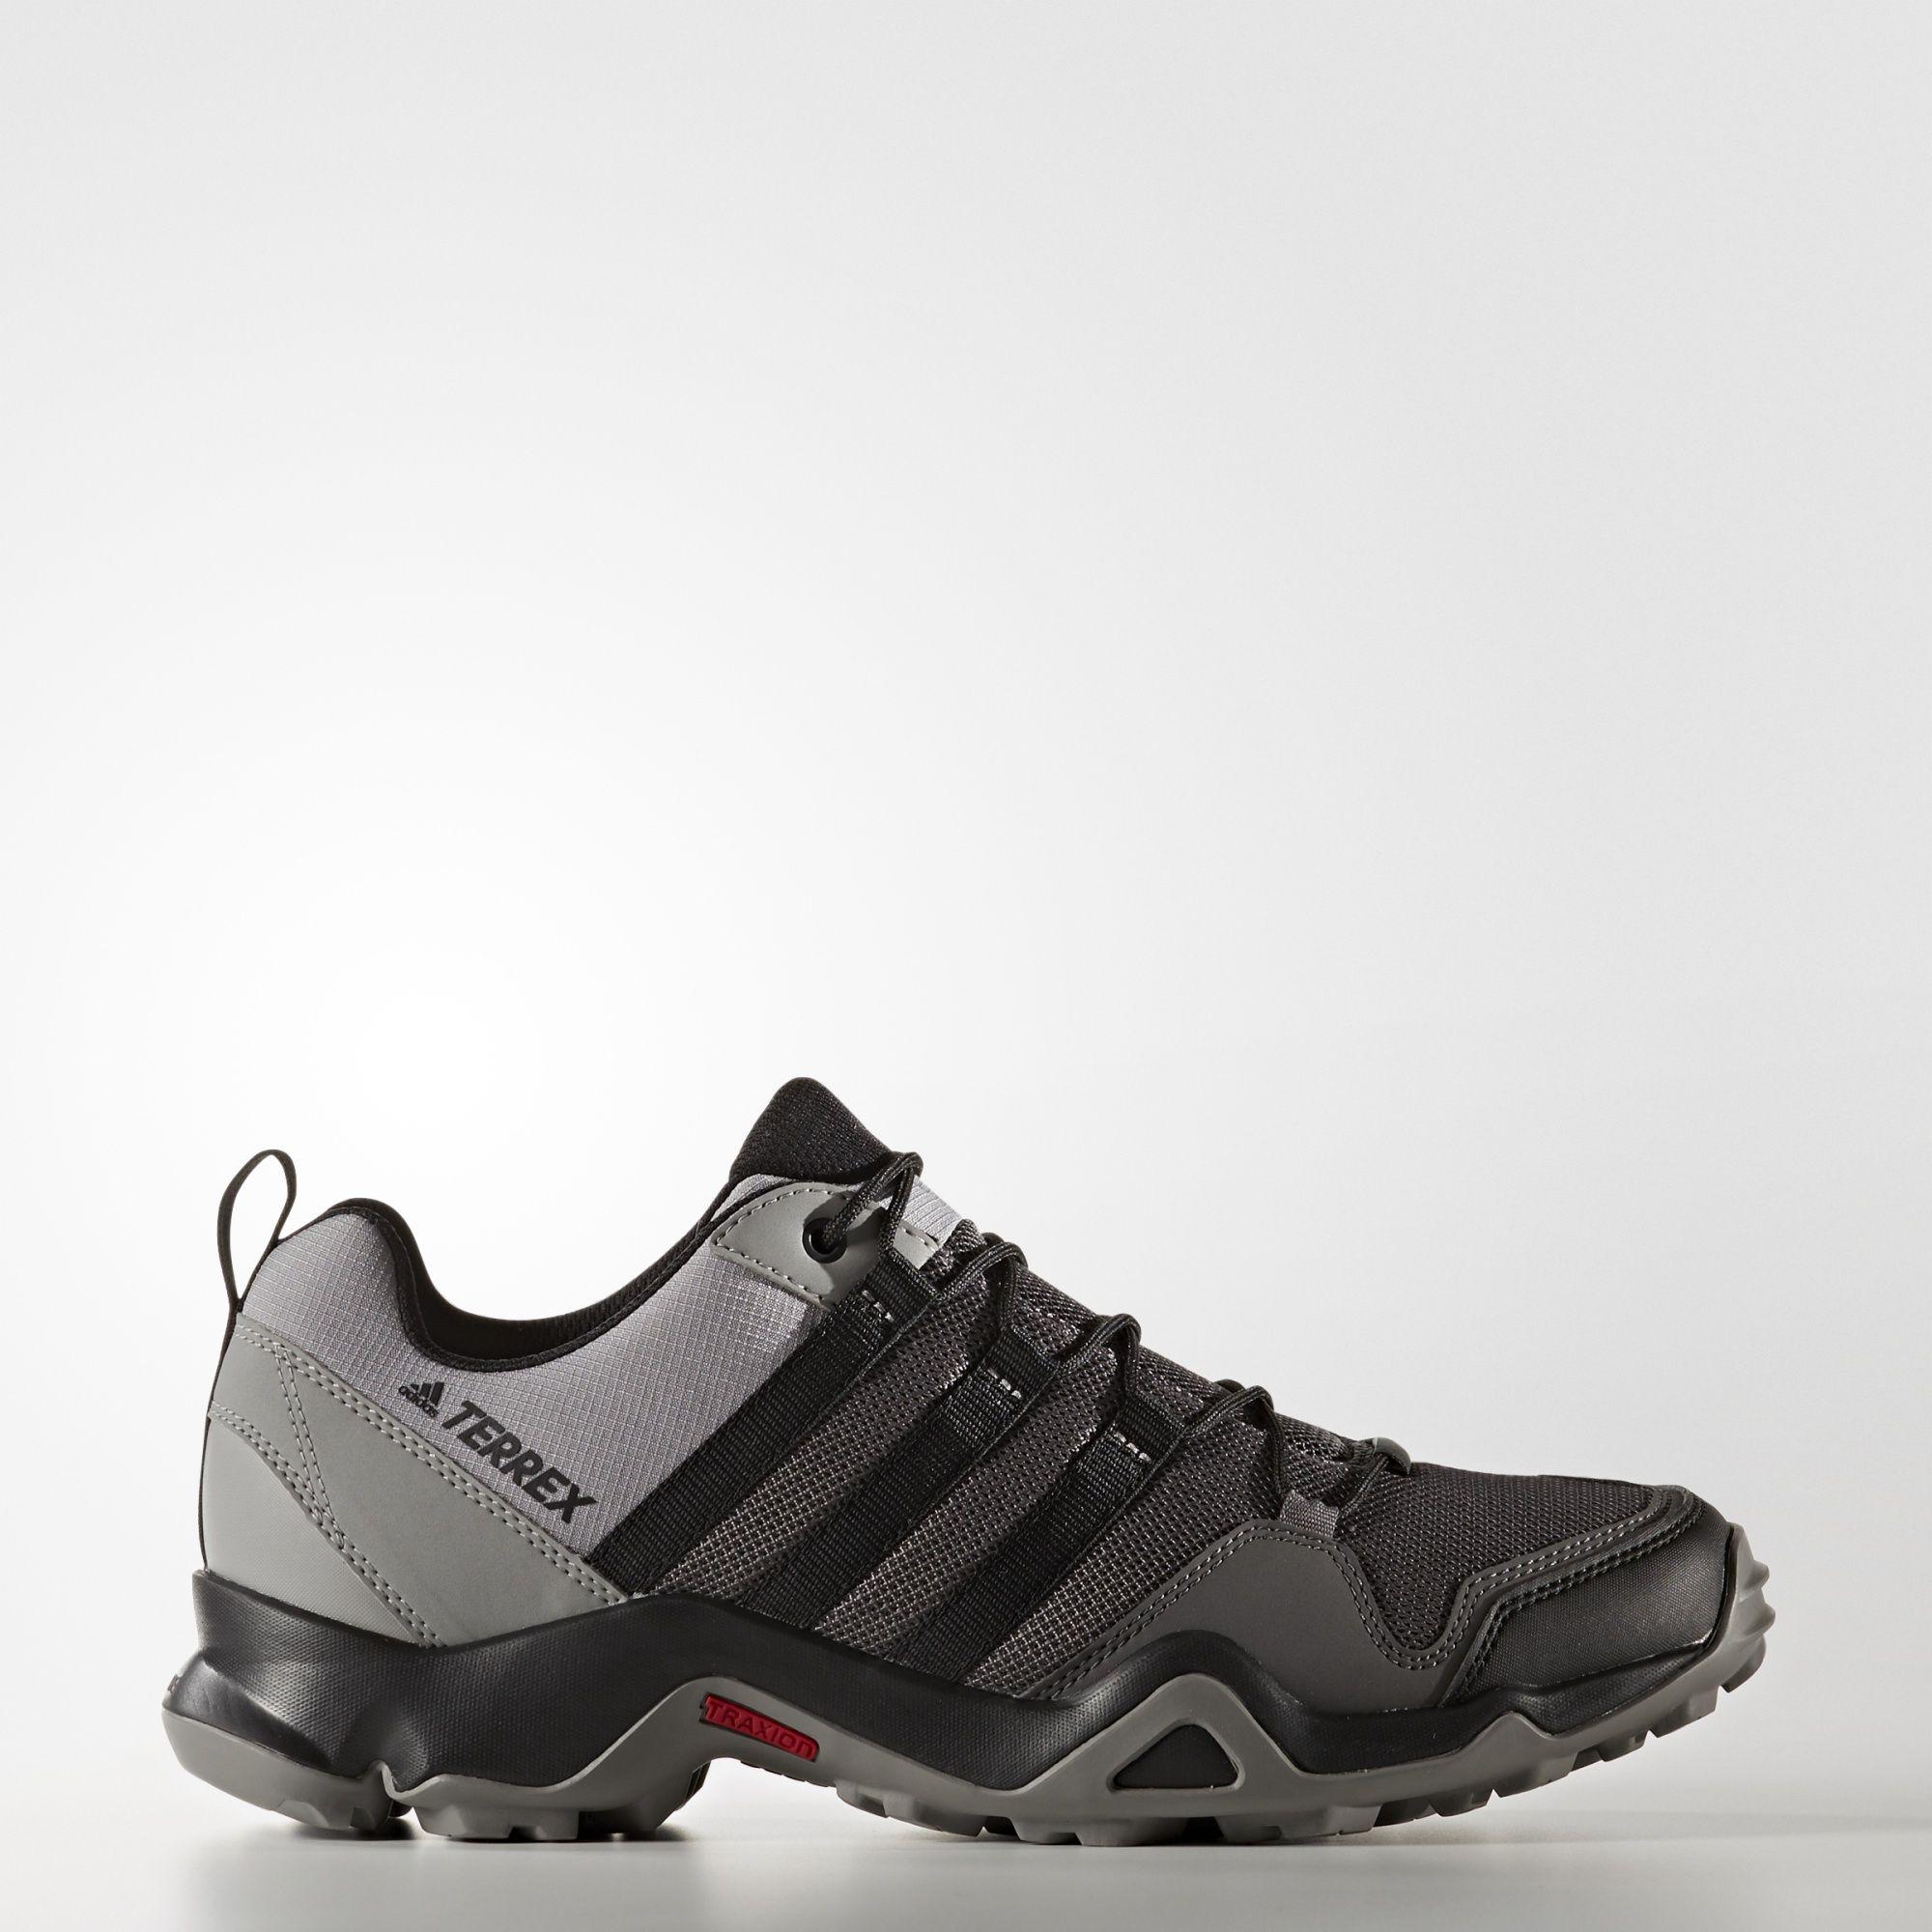 Superposición estoy de acuerdo estilo  adidas TERREX AX2R , new to site, more details coming soon. | Sneakers men  fashion, Adidas men, Sneakers men